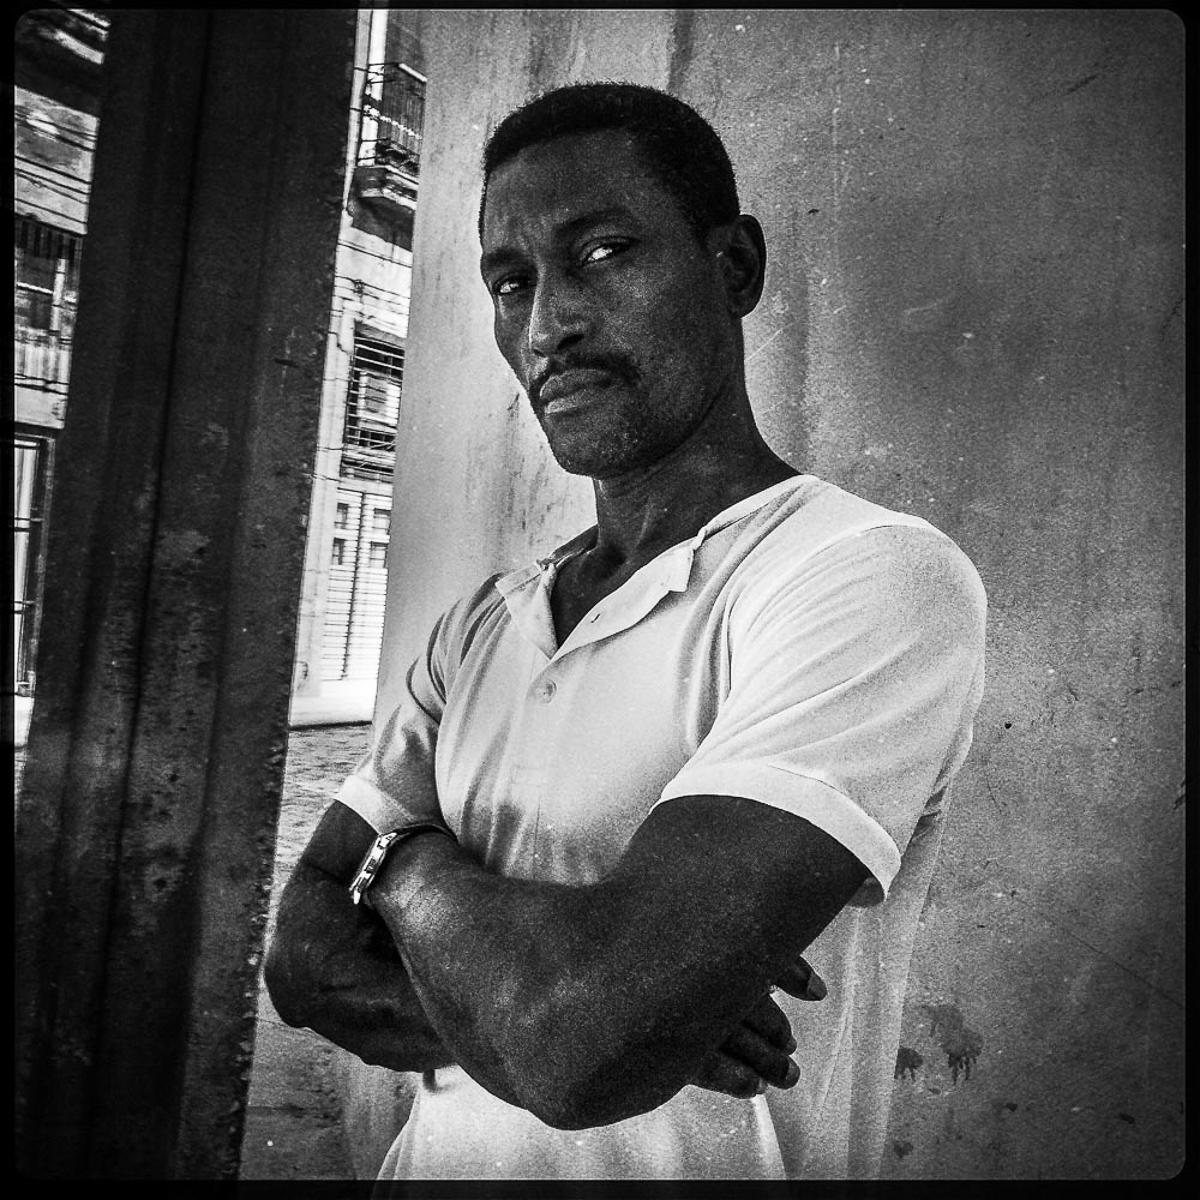 Bystander, Havana Cuba 2014